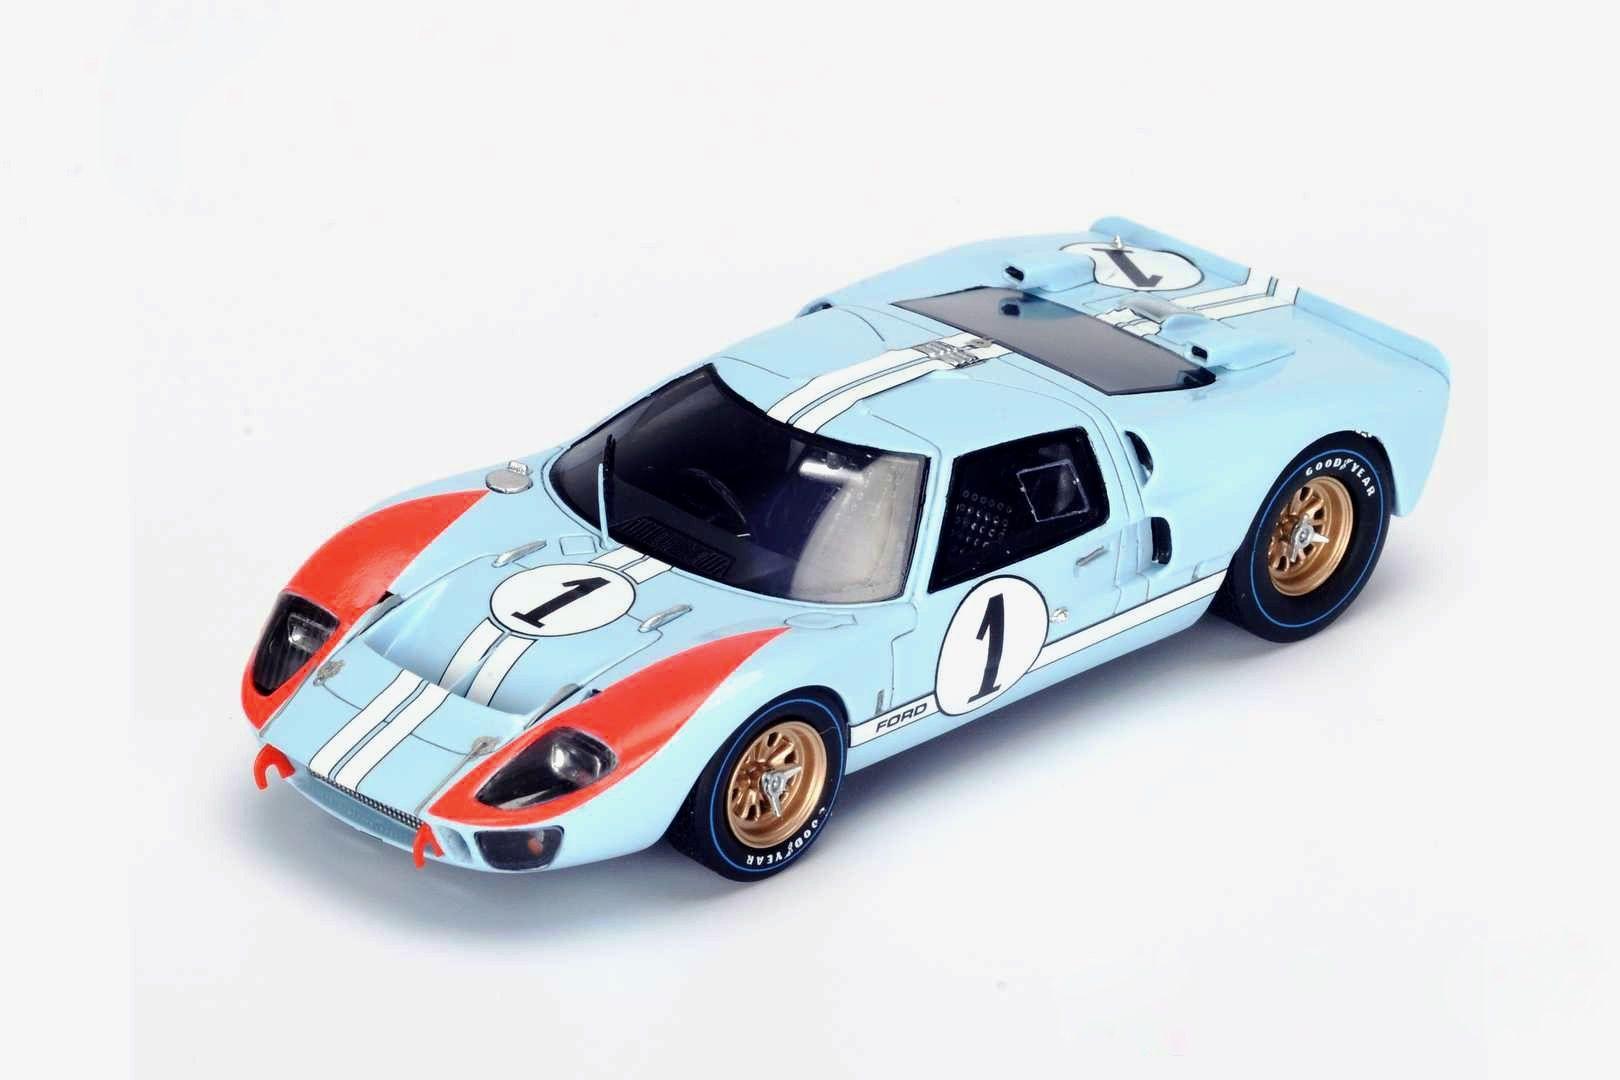 Spark Model S4075 Ford Gt Mk Ii 1 Ken Miles Denny Hulme 2nd Pl Le Mans 1966 In 2020 Car Model Spark Models Ford Gt